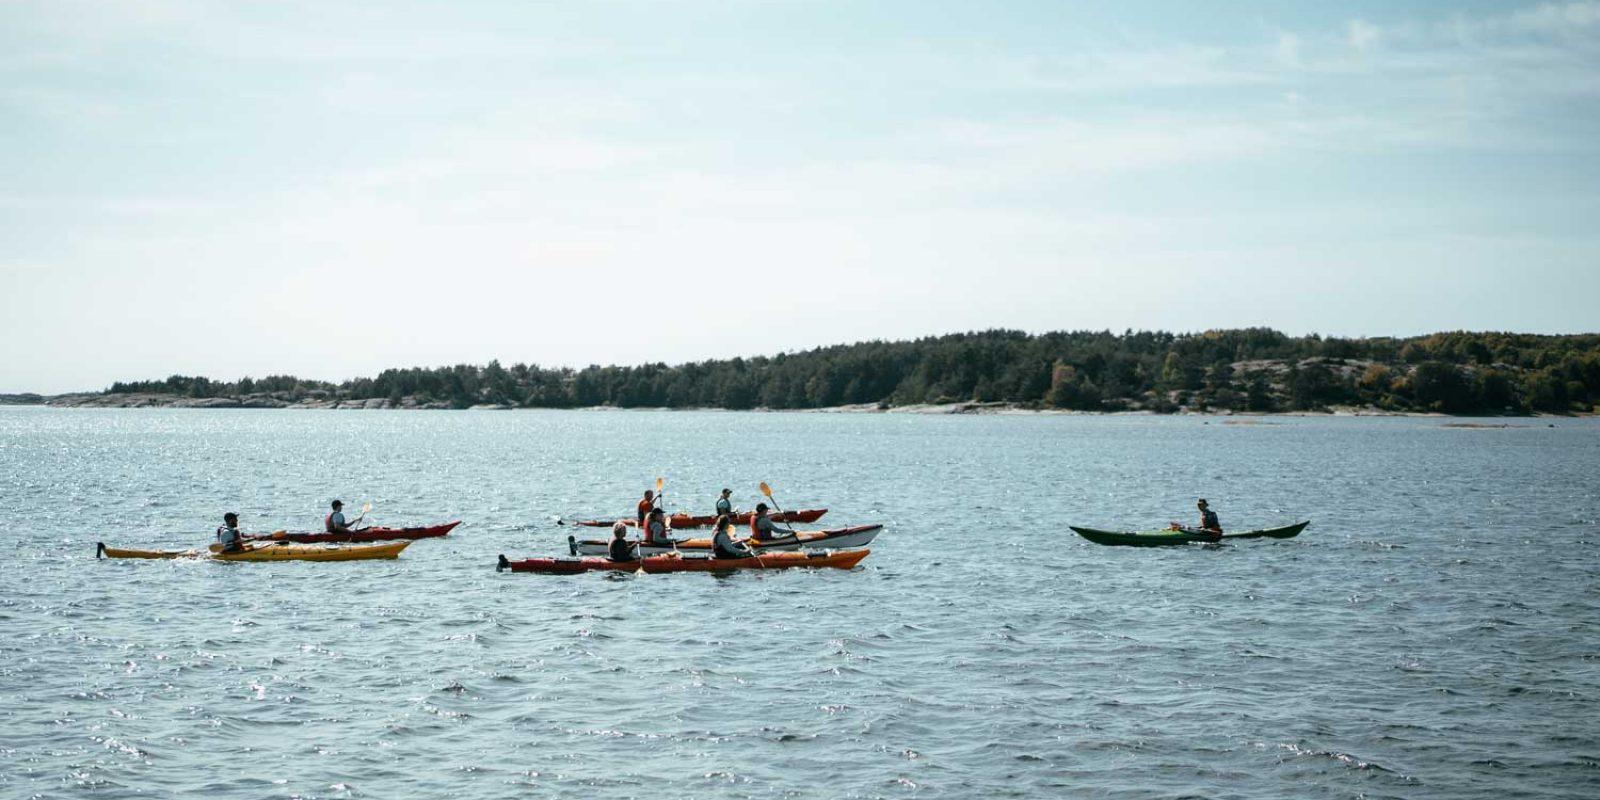 Paket med kajakpaddling i Sverige